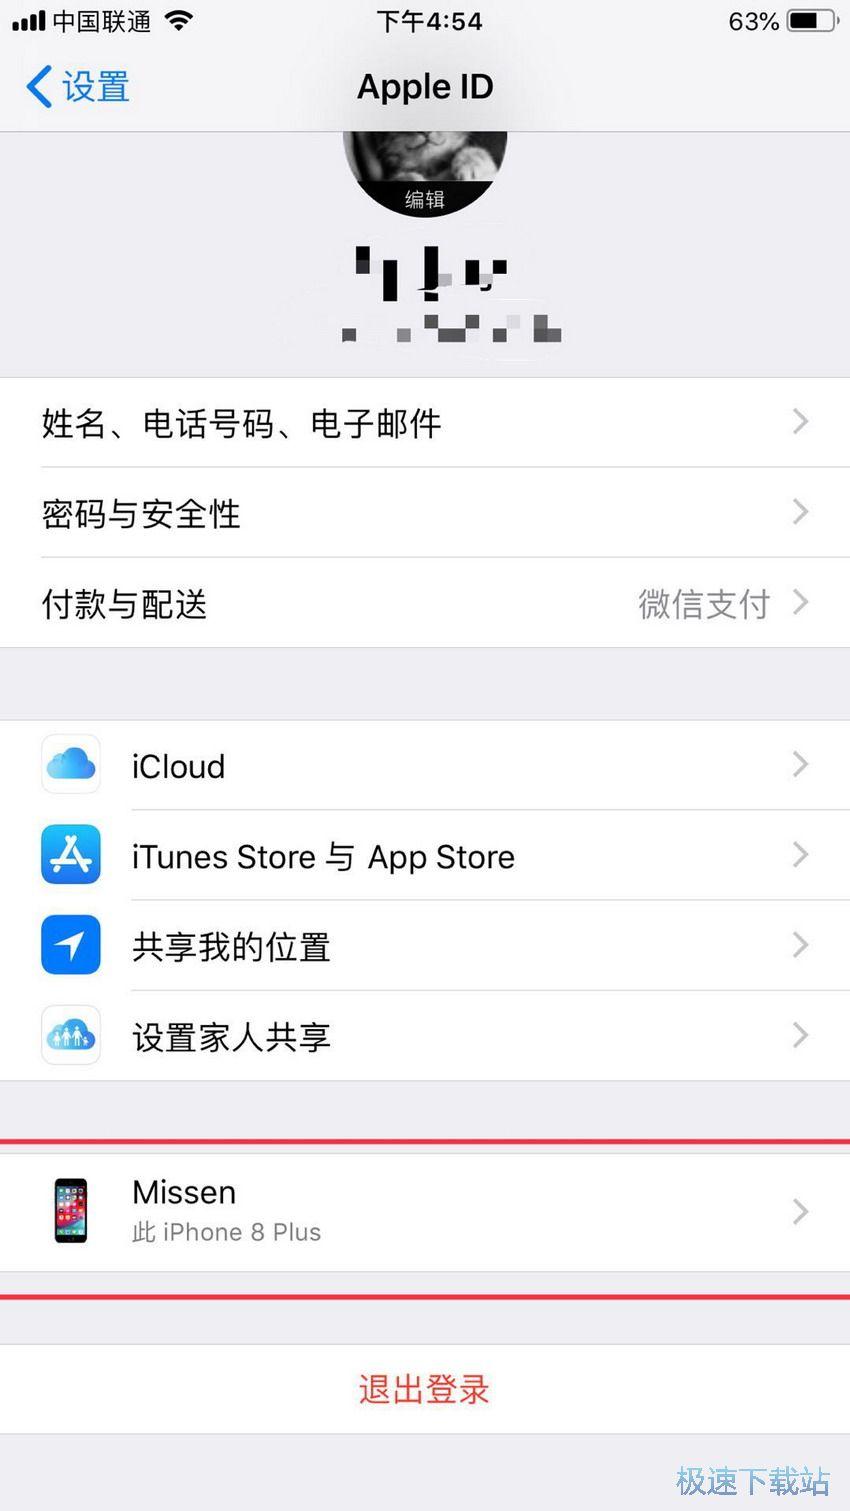 苹果手机怎样检查Apple ID登录了哪些设备? 缩略图